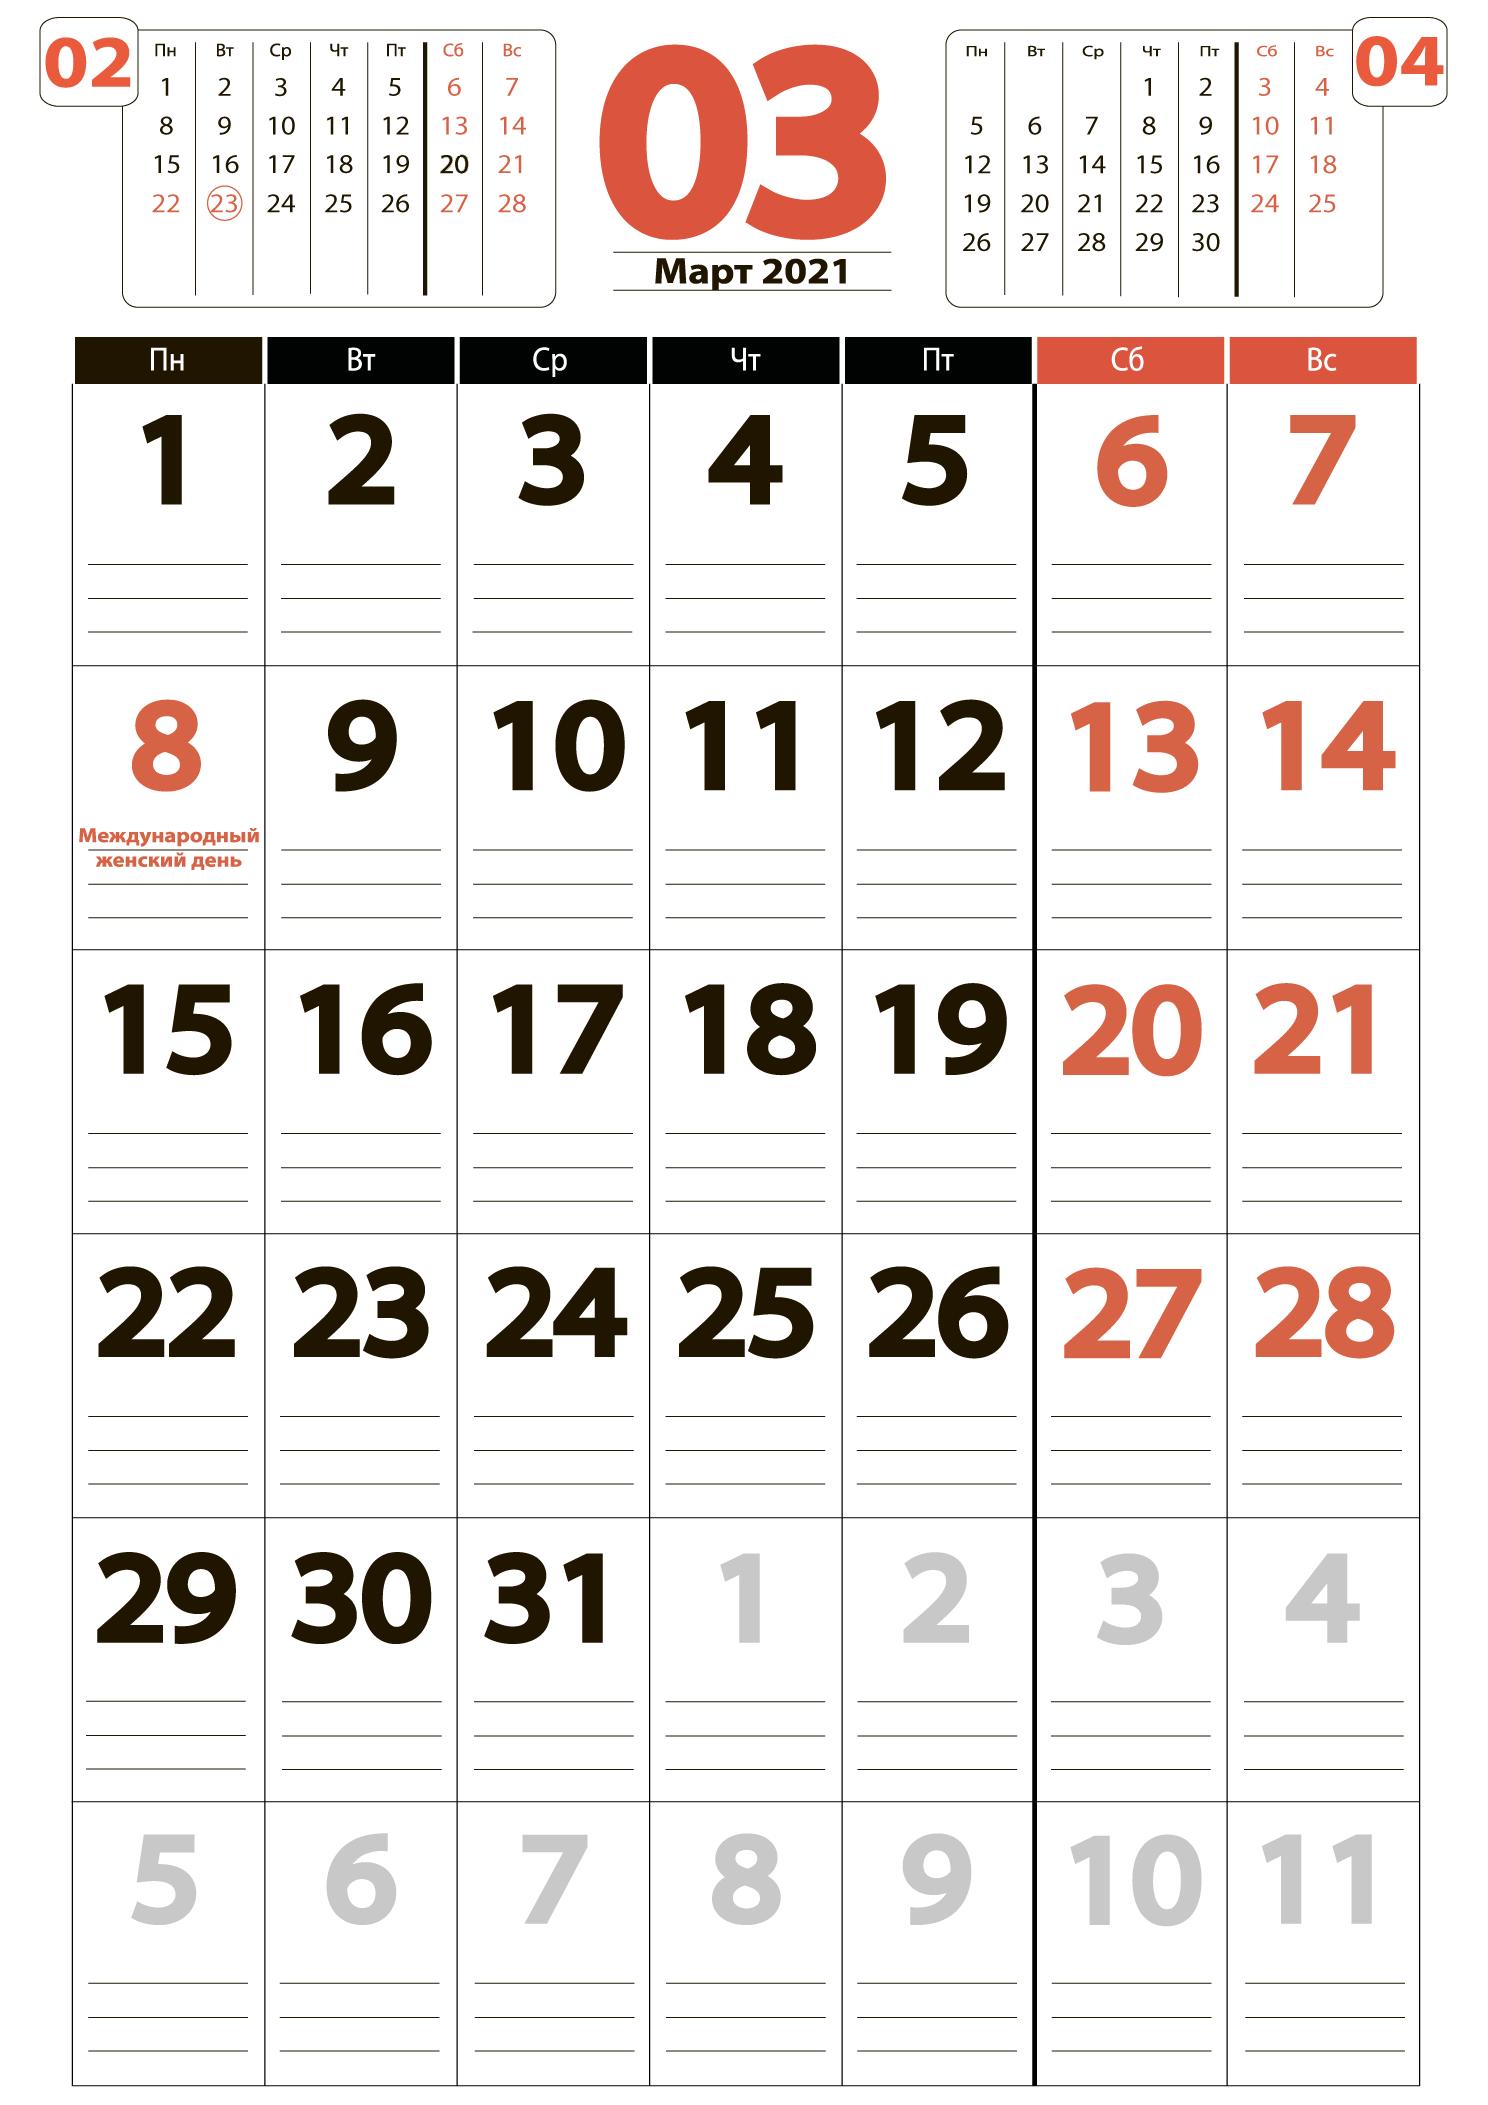 Календарь на март 2021 - скачать